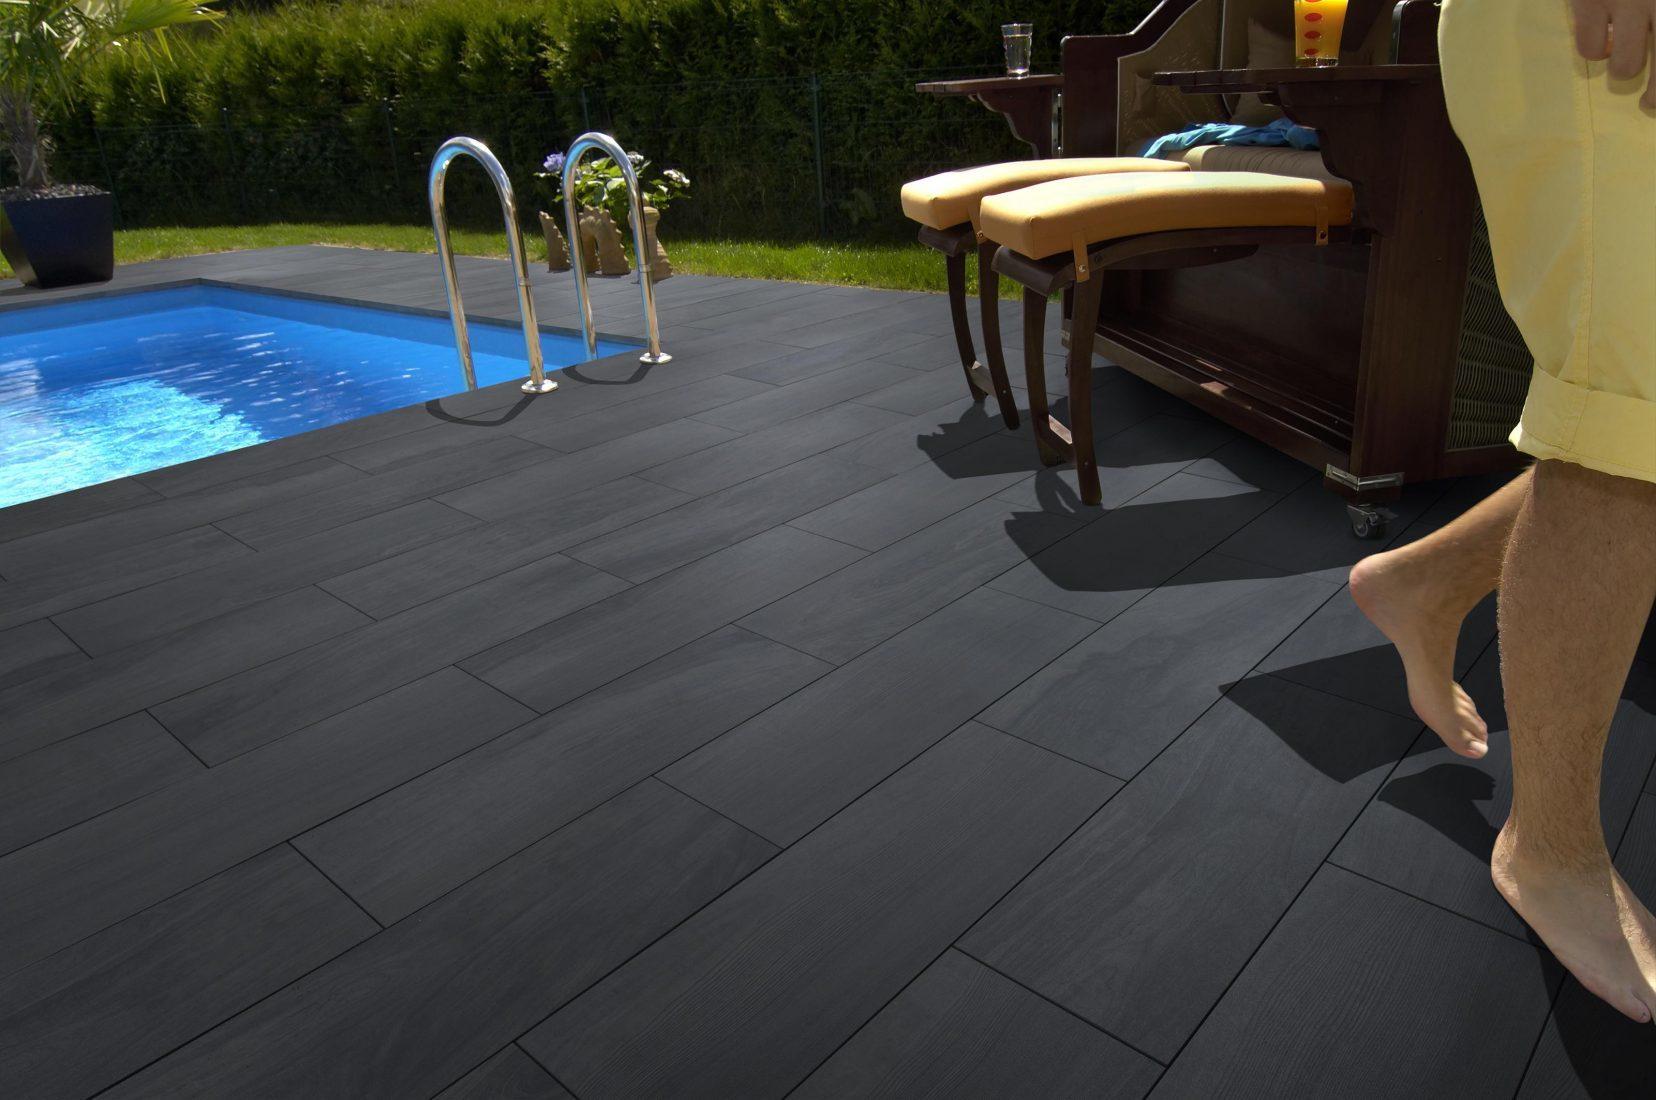 Von wegen kalter Beton: Diese Terrassenplatten sind garantiert heißer als der Grünstreifen. Foto: Kann